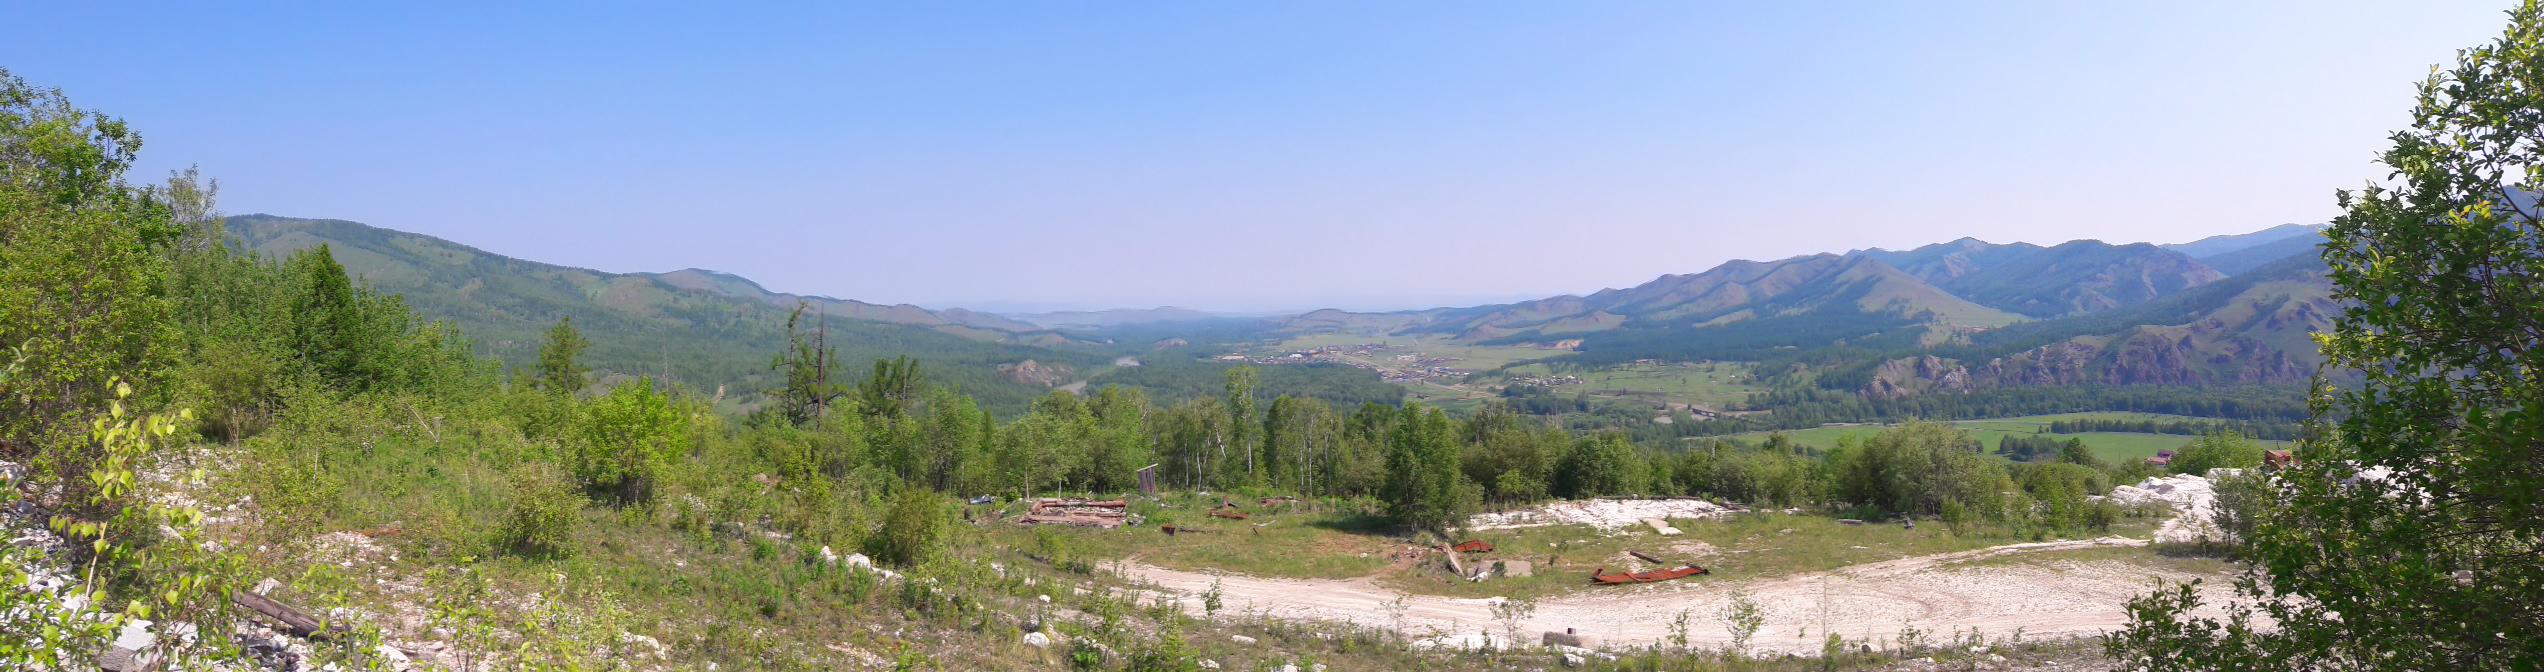 Мраморный карьер в Ефремкино